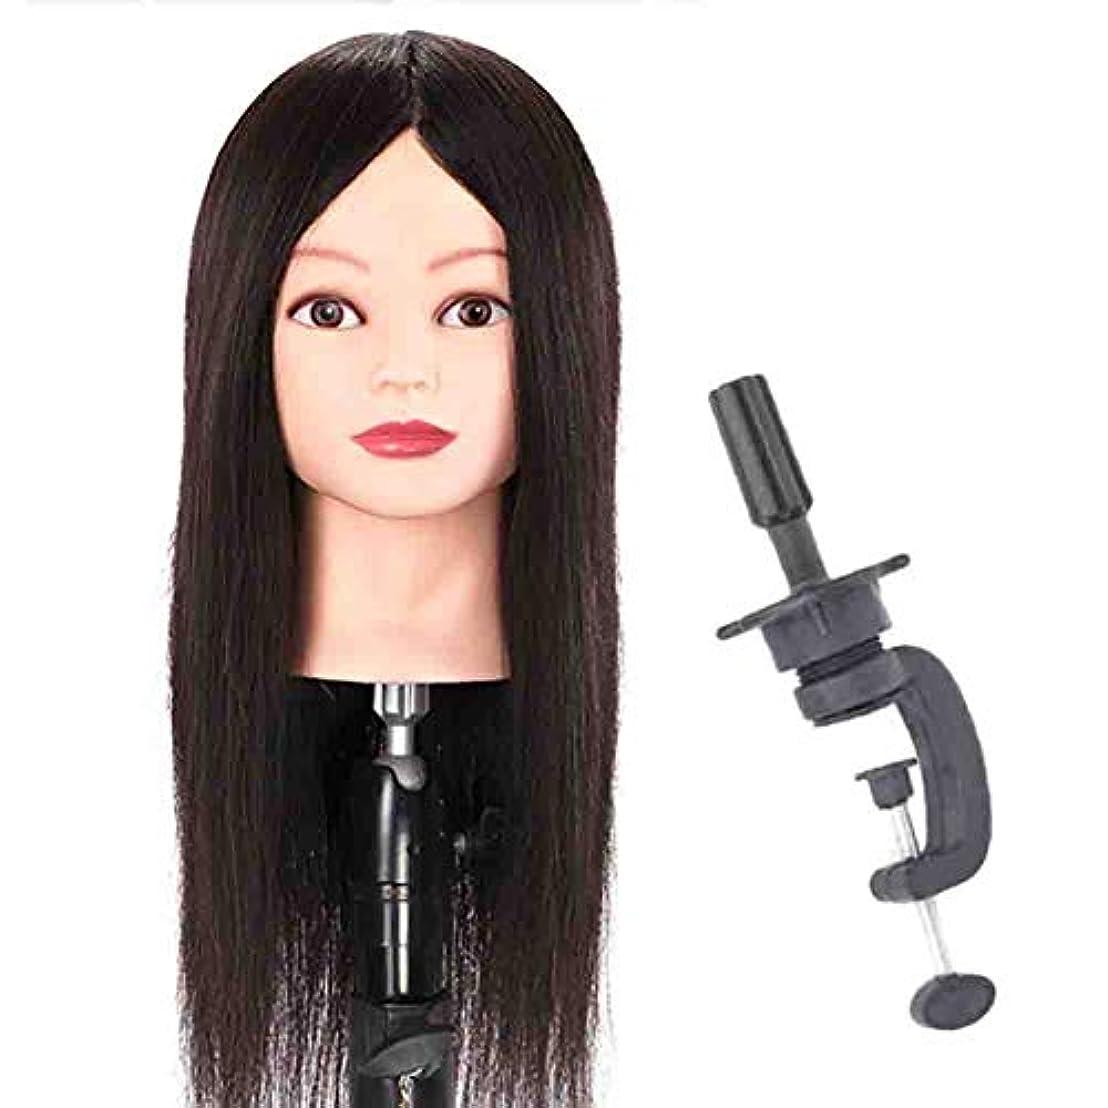 オーバーフロー振りかける矛盾するリアルヘアヘアメイクヘッドモールドヘアサロン練習ホット染色トリミングダミーモデルティーチングヘッド